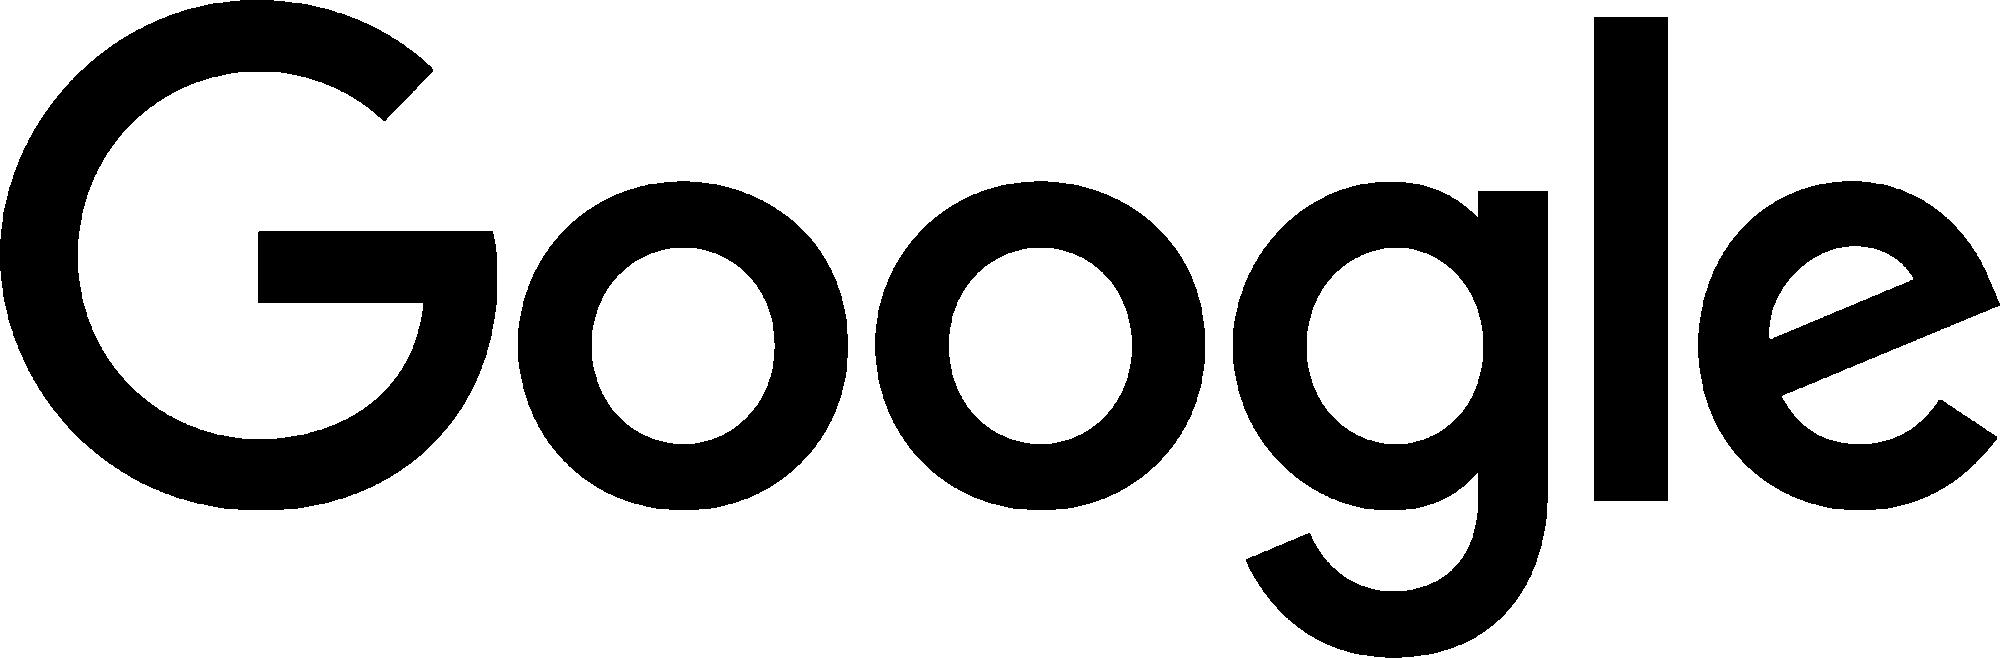 Images free download black. Google logo png